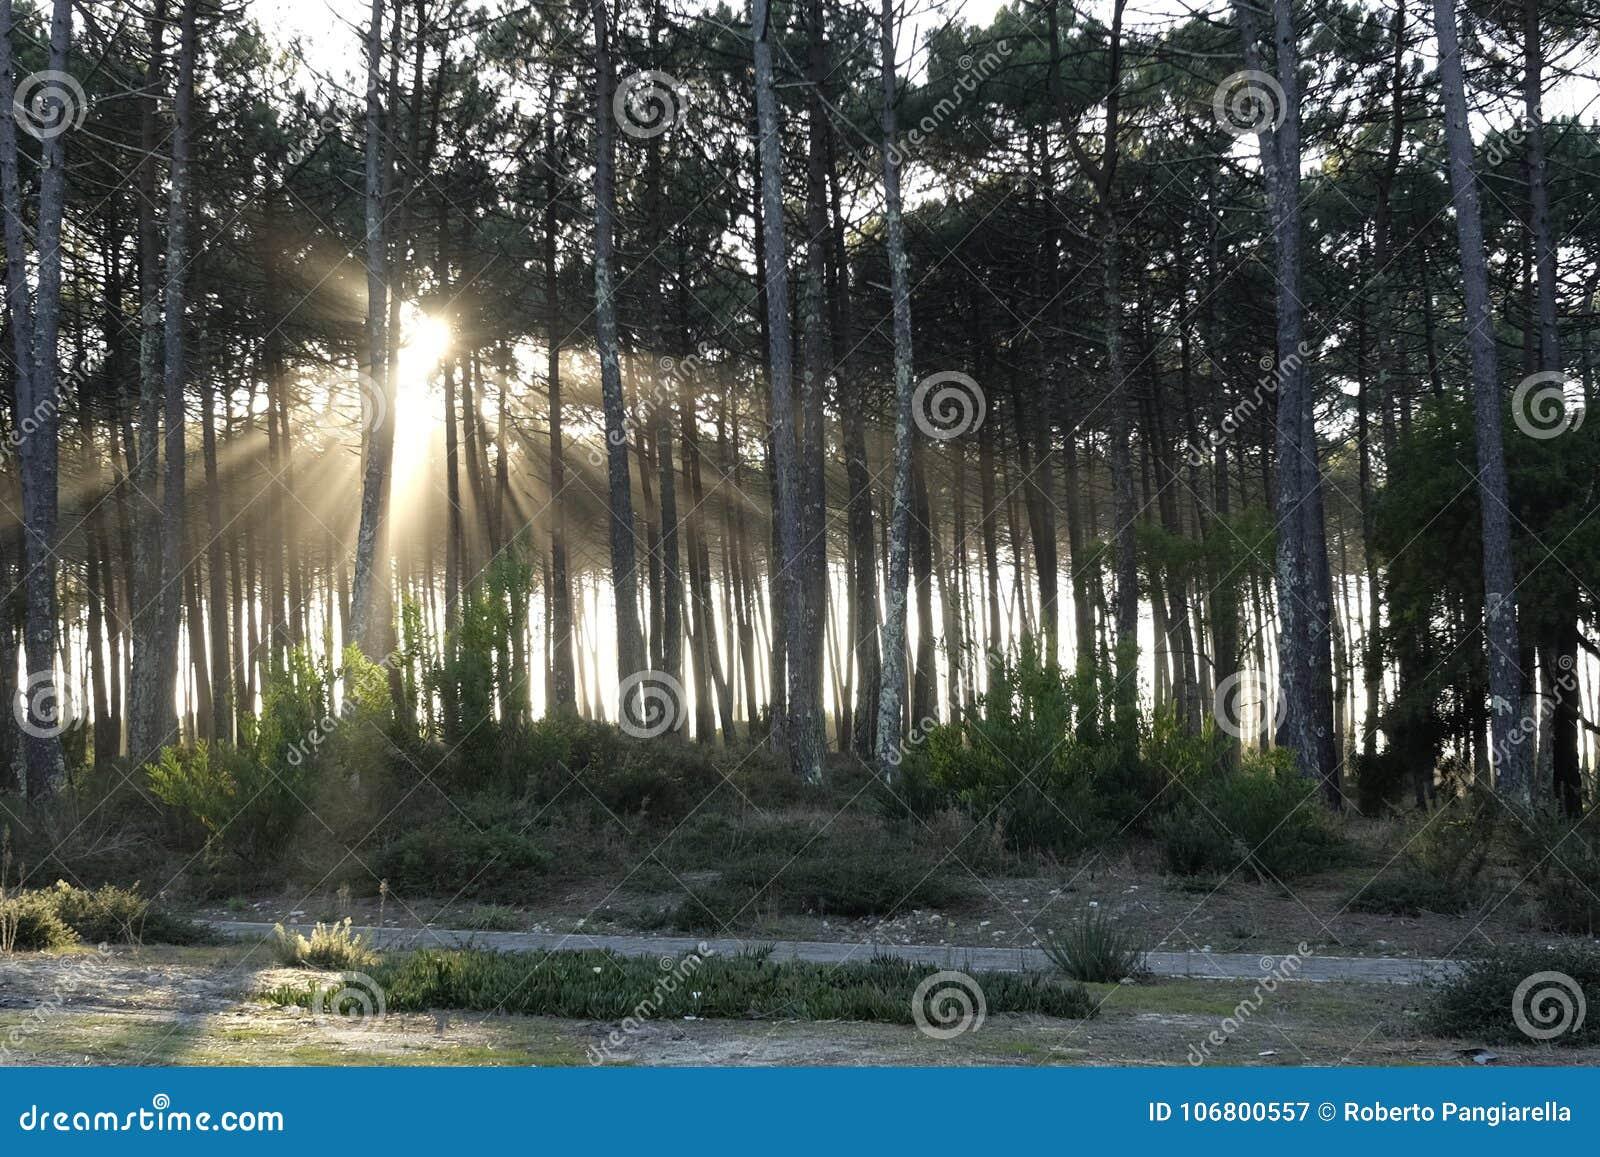 Download Sonnenstrahlen im Wald stockbild. Bild von wald, sunbeams - 106800557